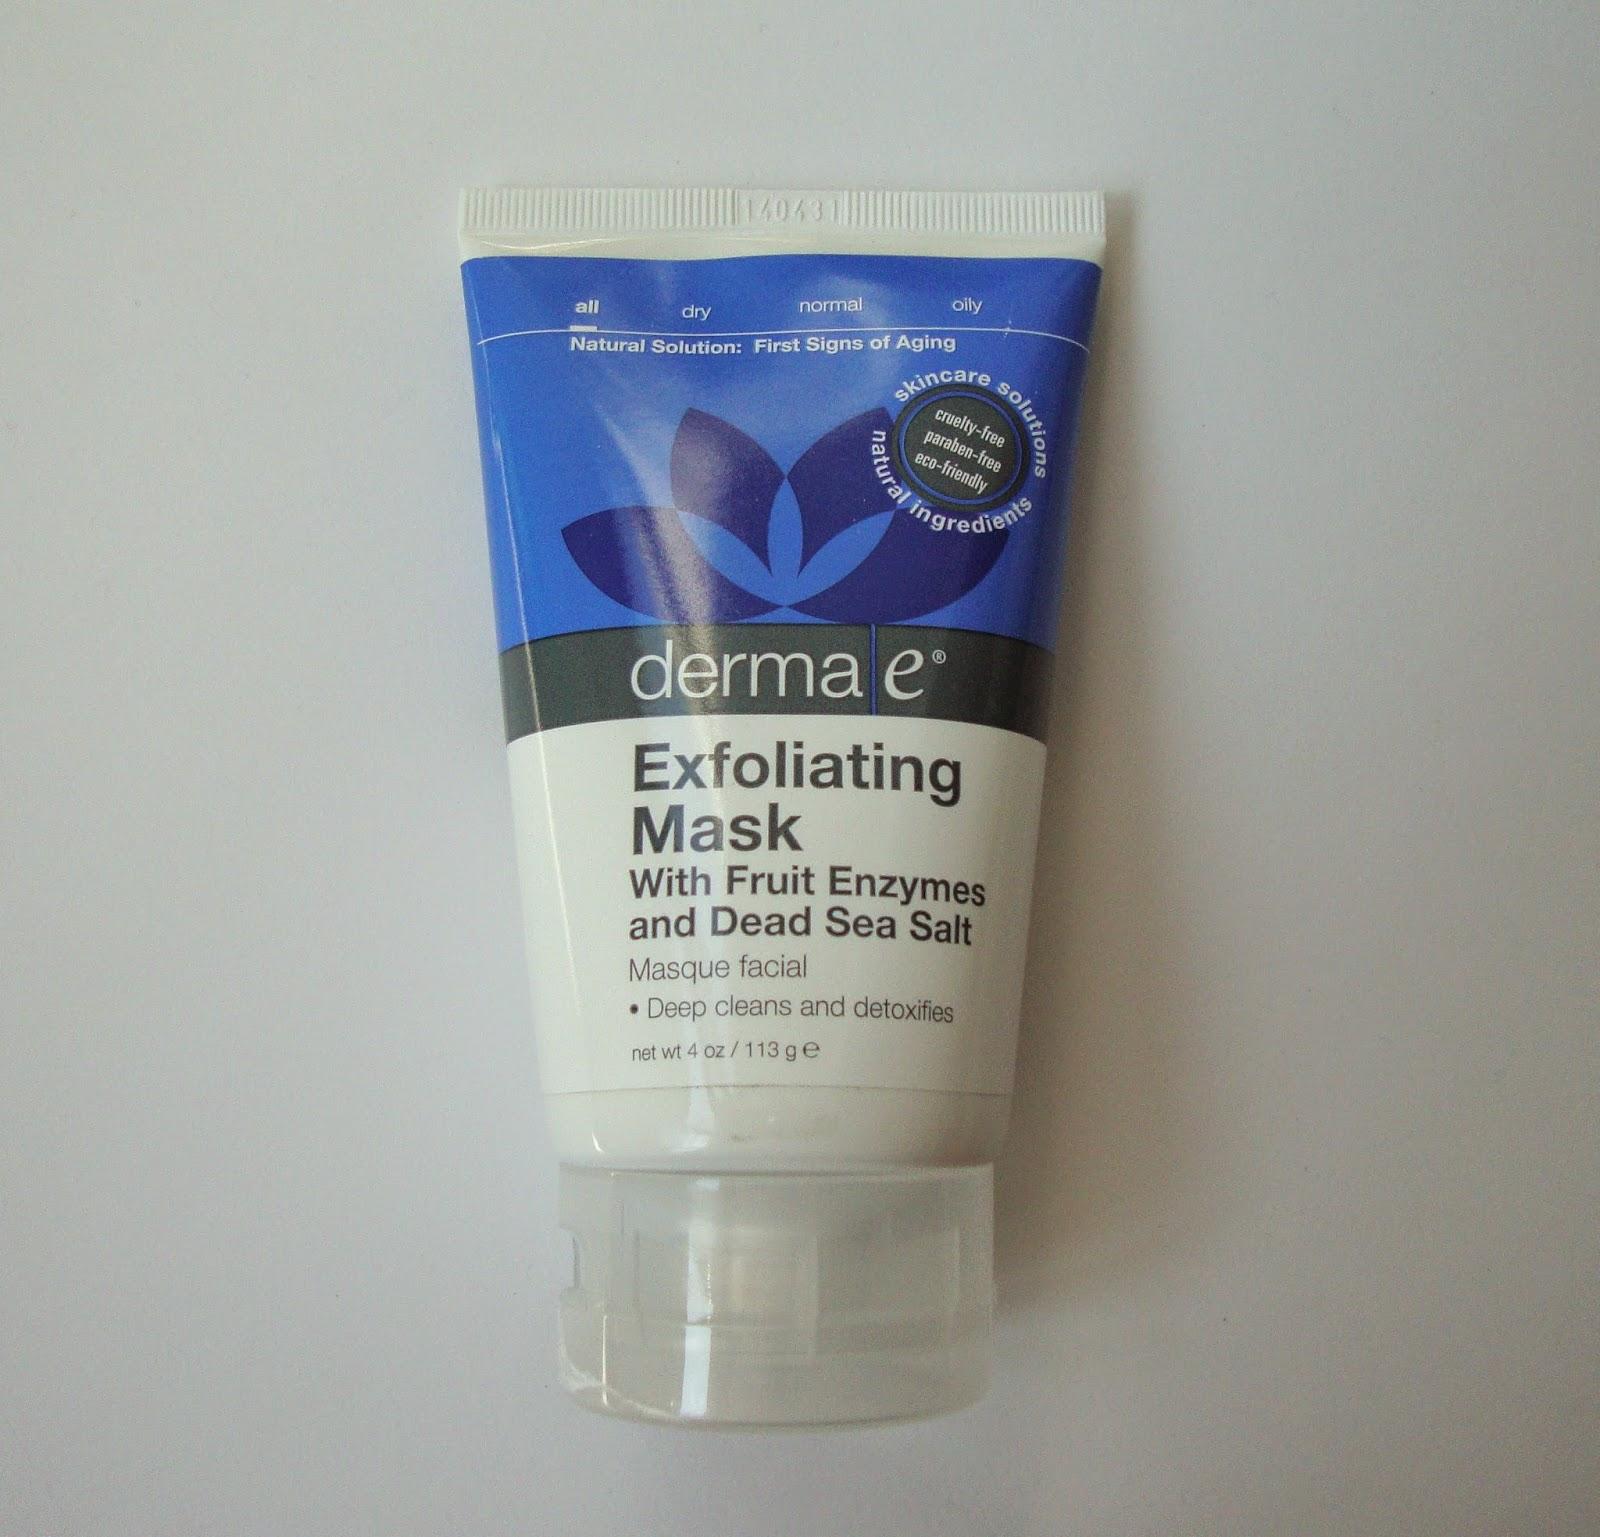 Derma E Exfoliating Mask